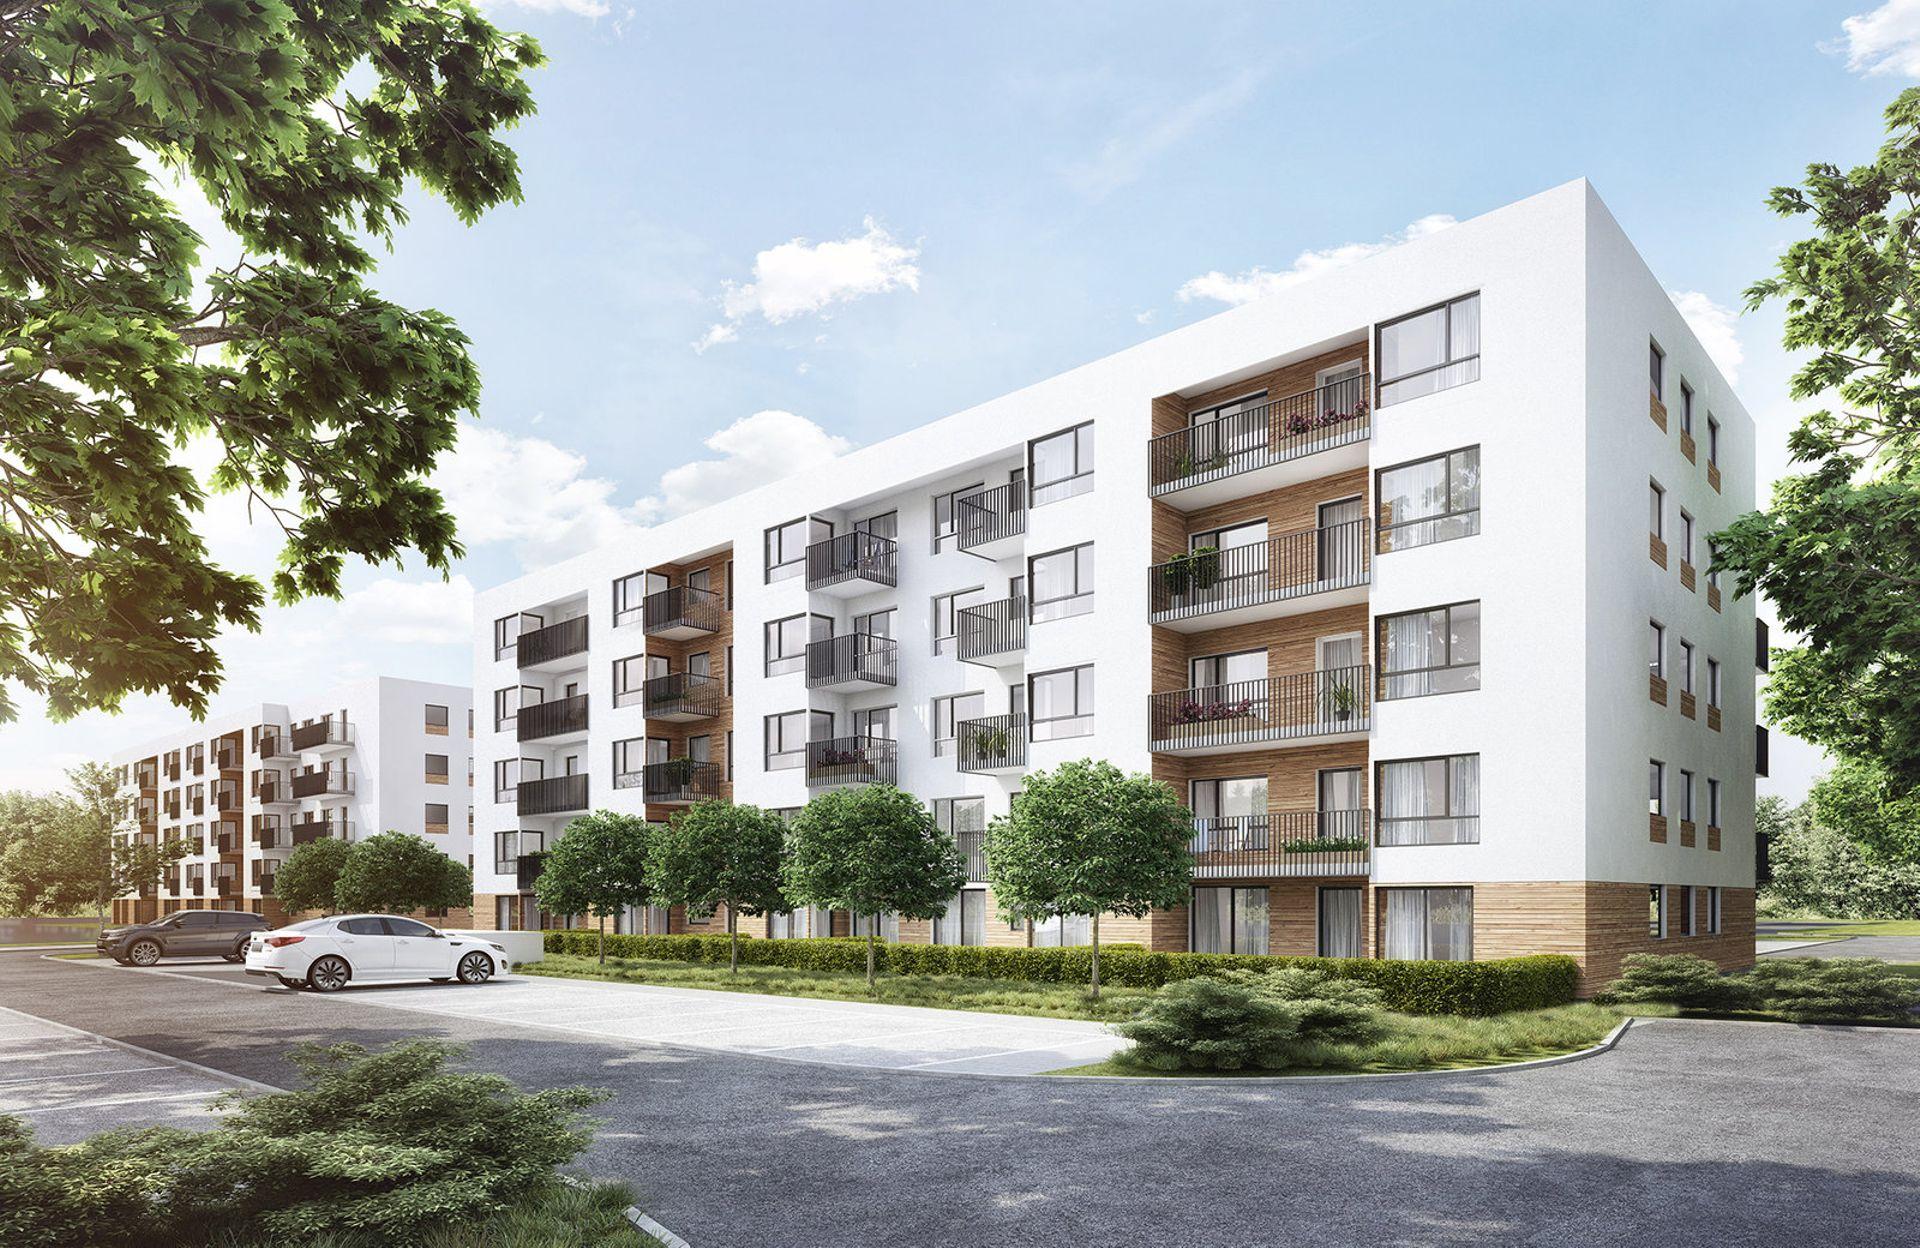 Wrocław: Stabłowicka – Profit Development wybuduje ponad 300 mieszkań na Stabłowicach